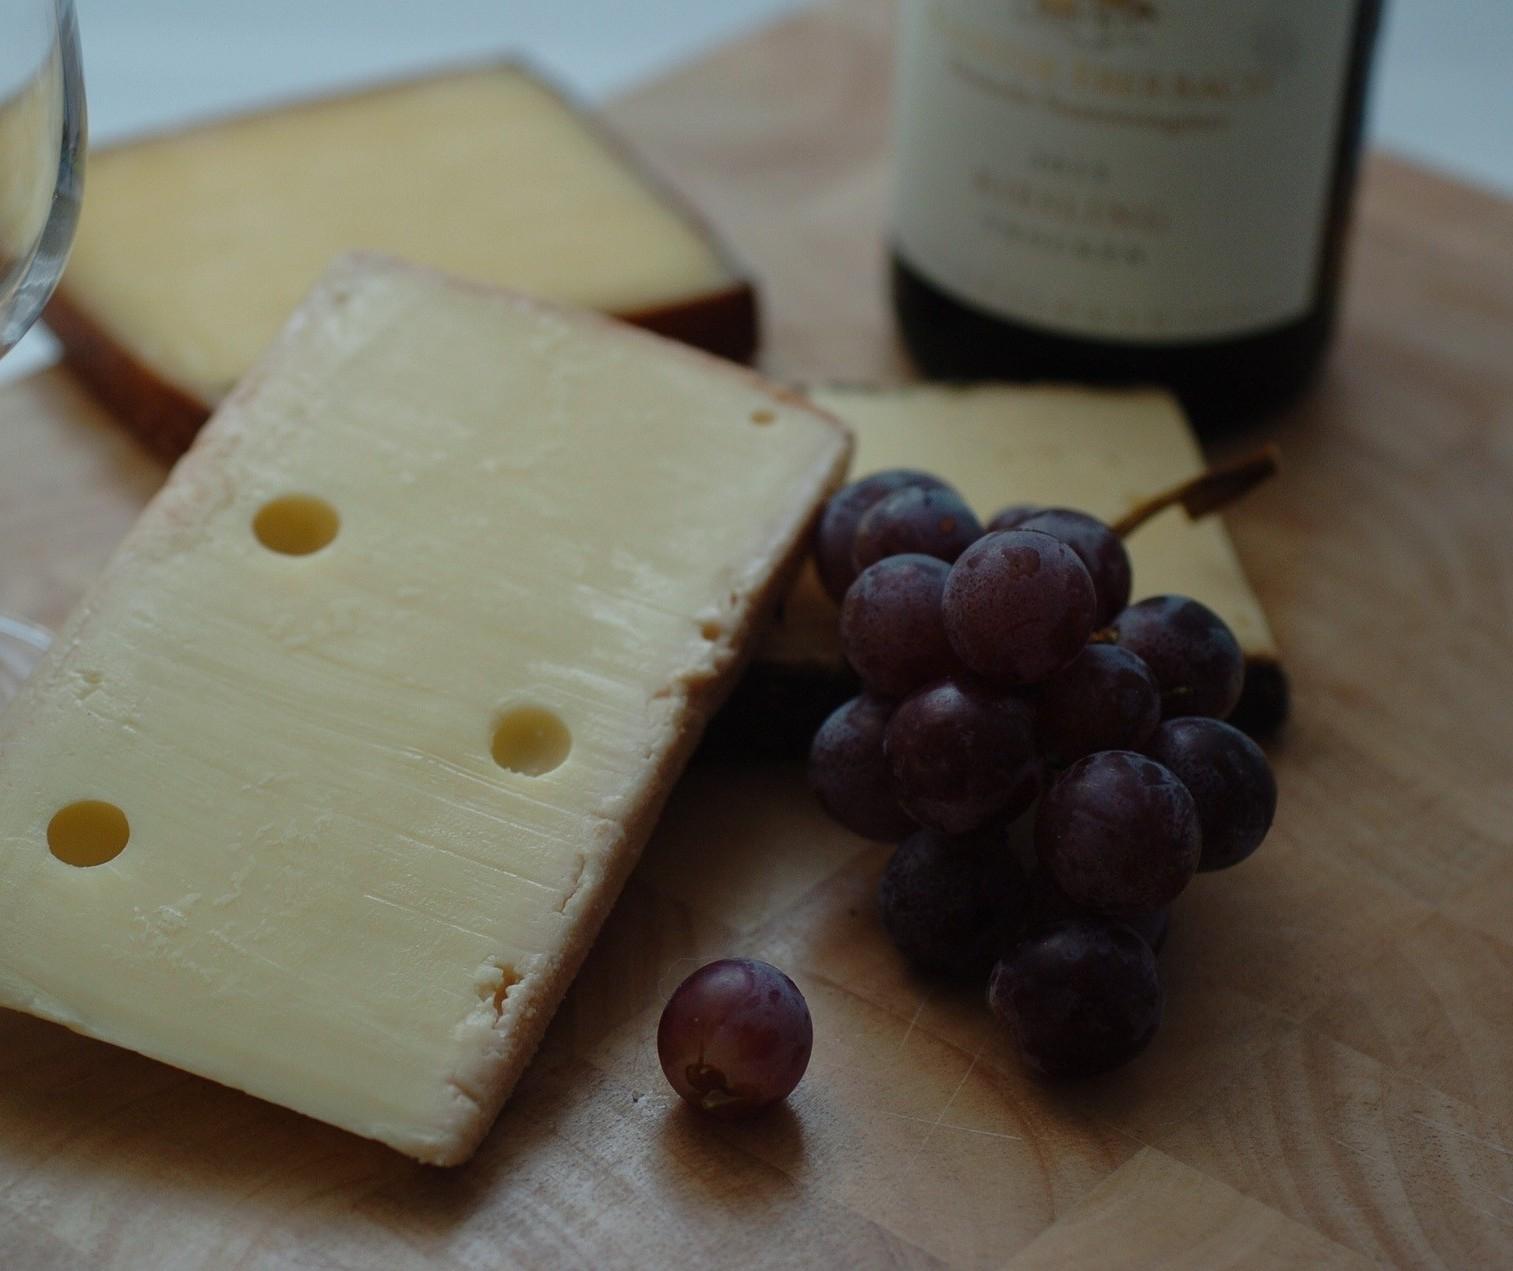 Vinho e queijo no Dia dos Pais tem que combinar textura e paladar